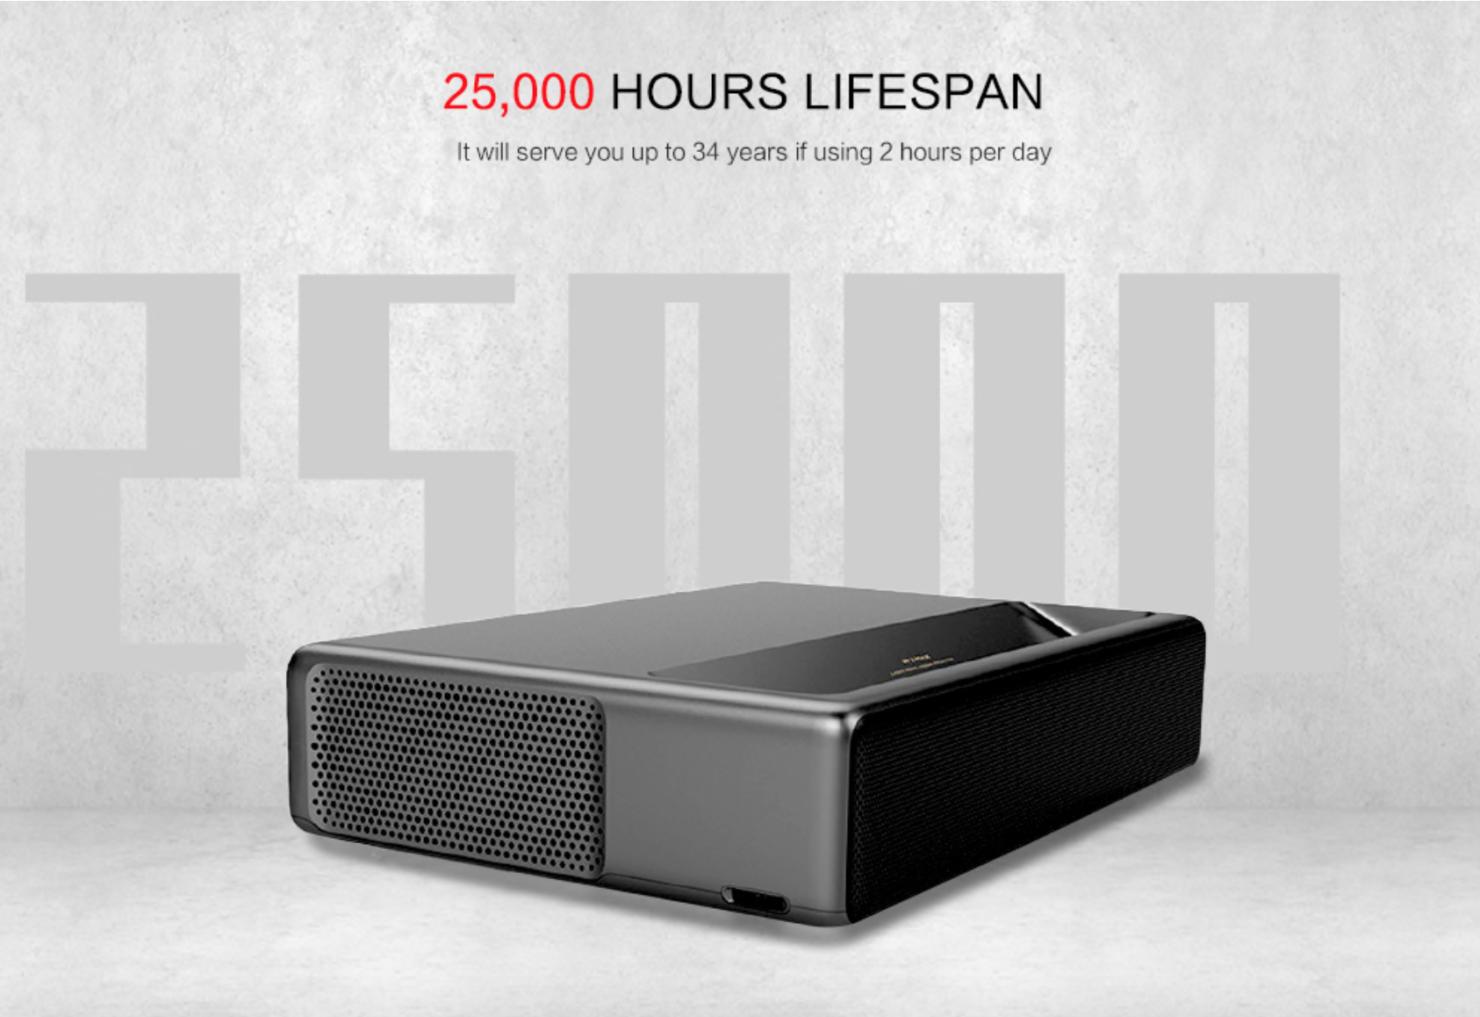 xiaomi-ultra-short-projector